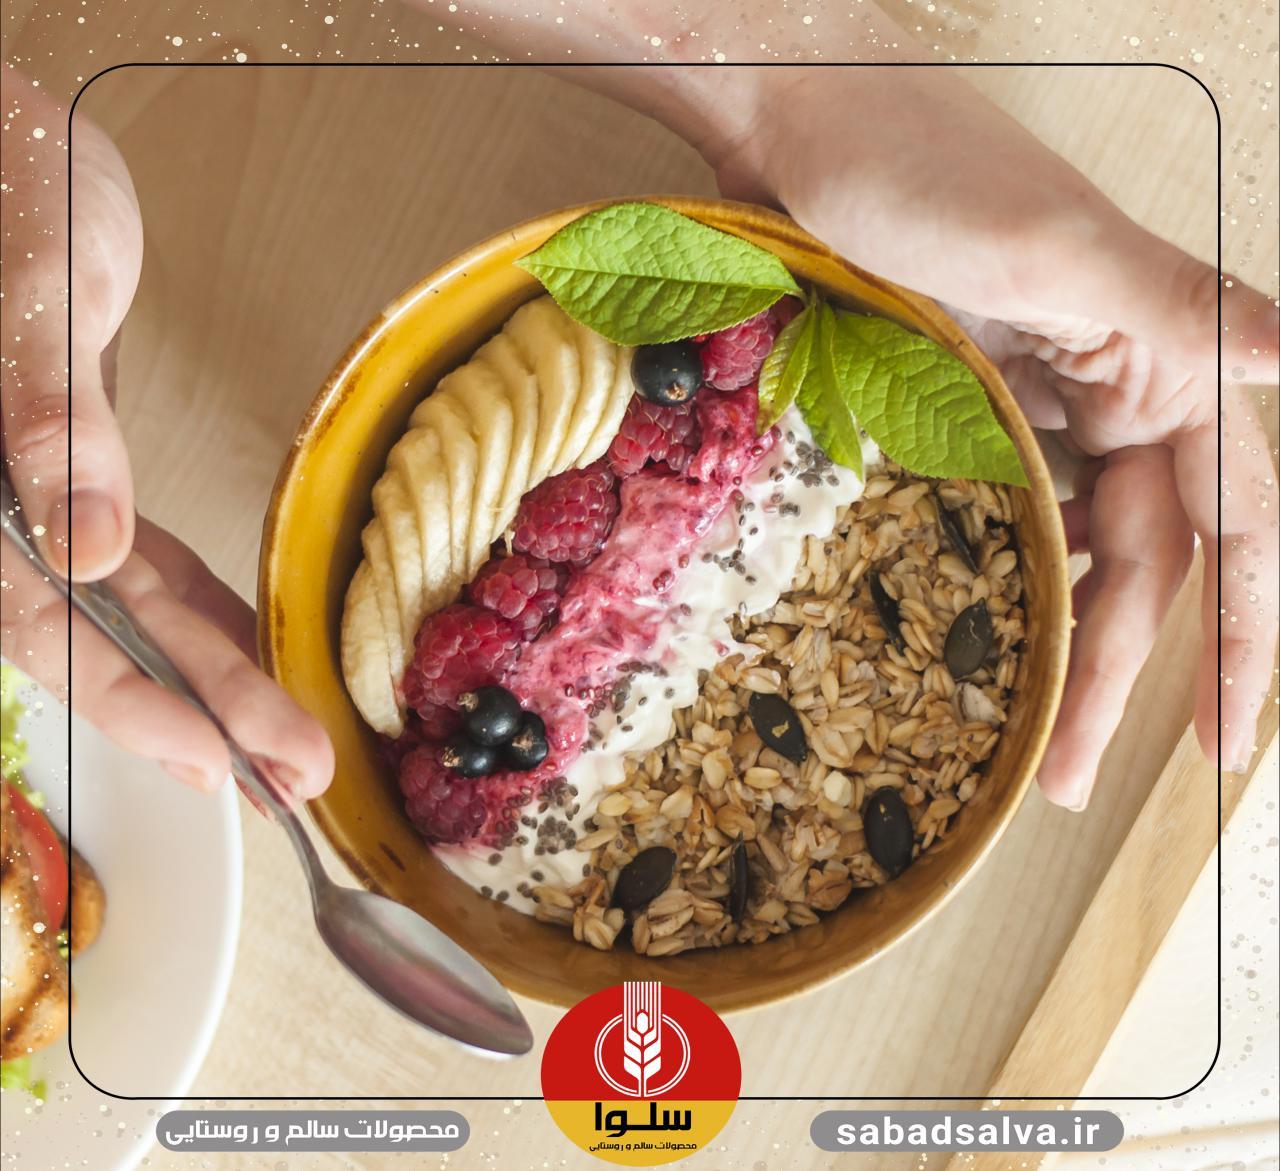 خرید گرانولا + 11 پیشنهاد برای یک صبحانه سالم